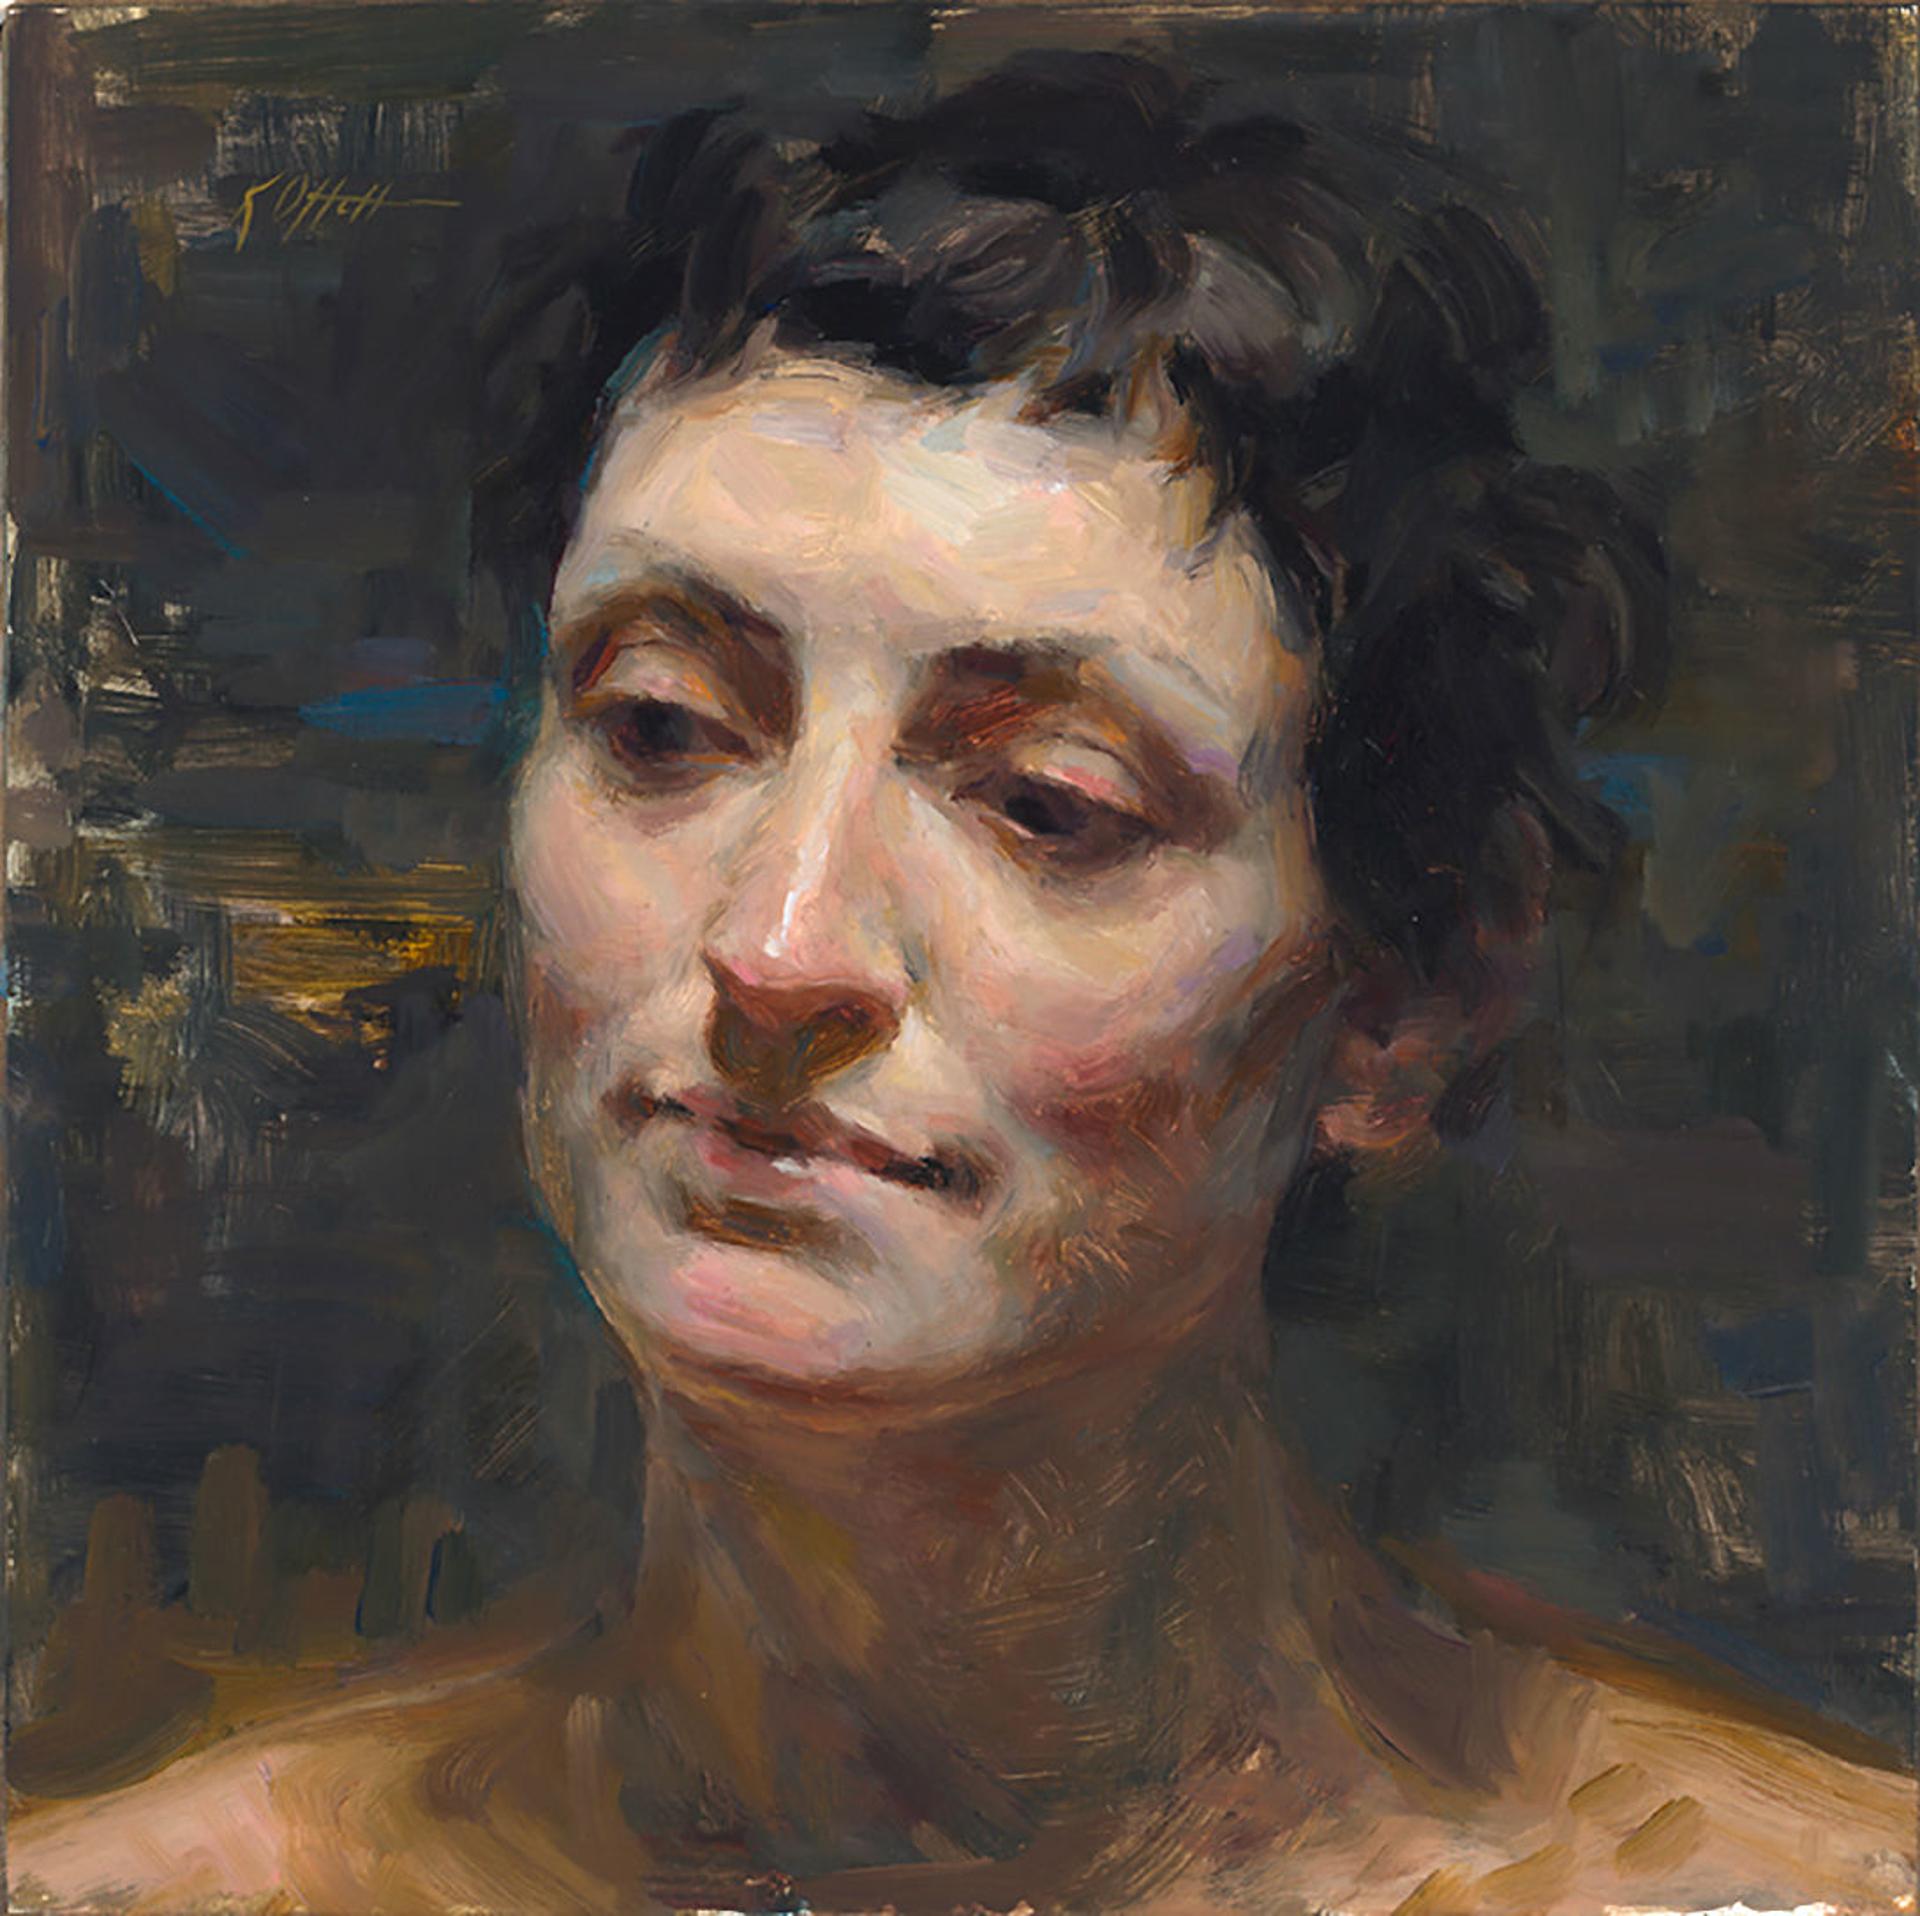 Lena by Karen Offutt